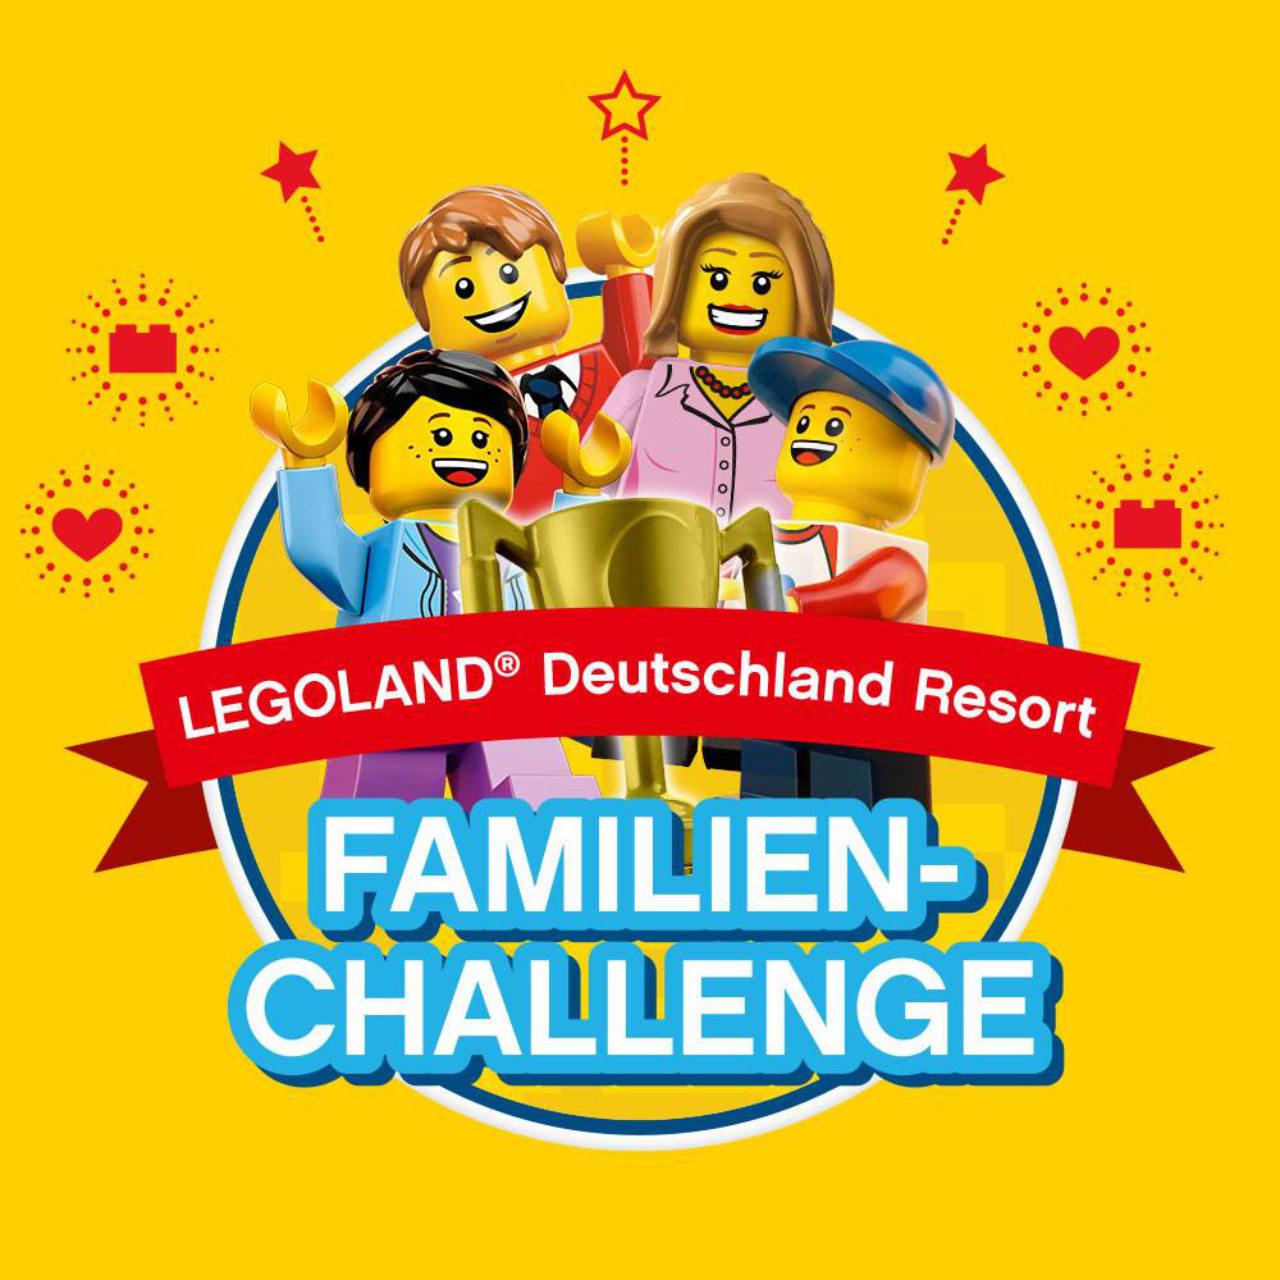 LEGOLAND® Familien-Challenge 2020/2021